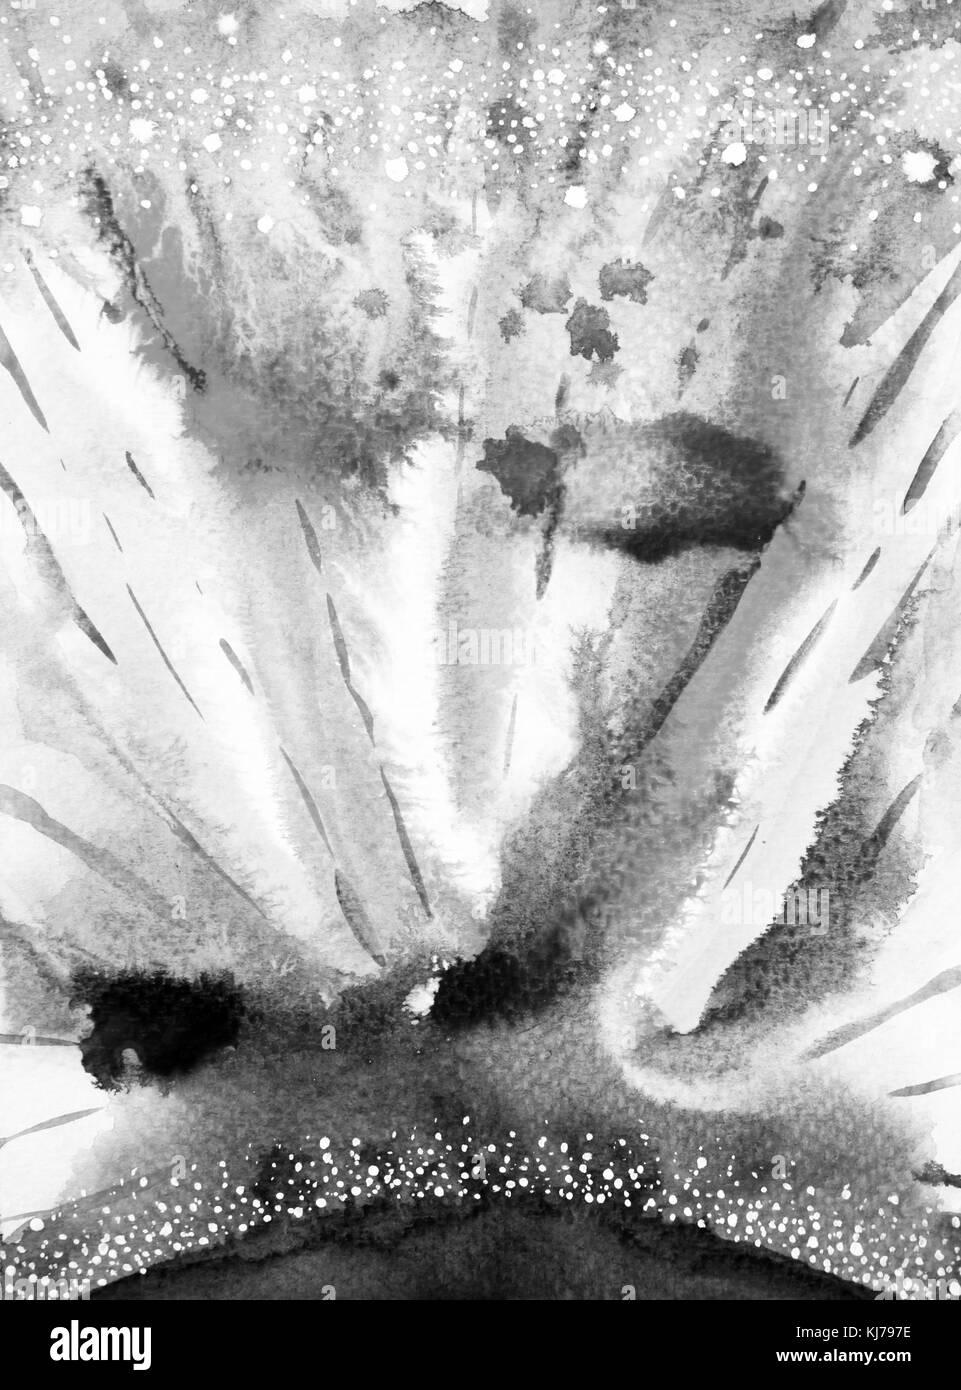 Peinture Aquarelle Abstrait Noir Blanc Fond Univers